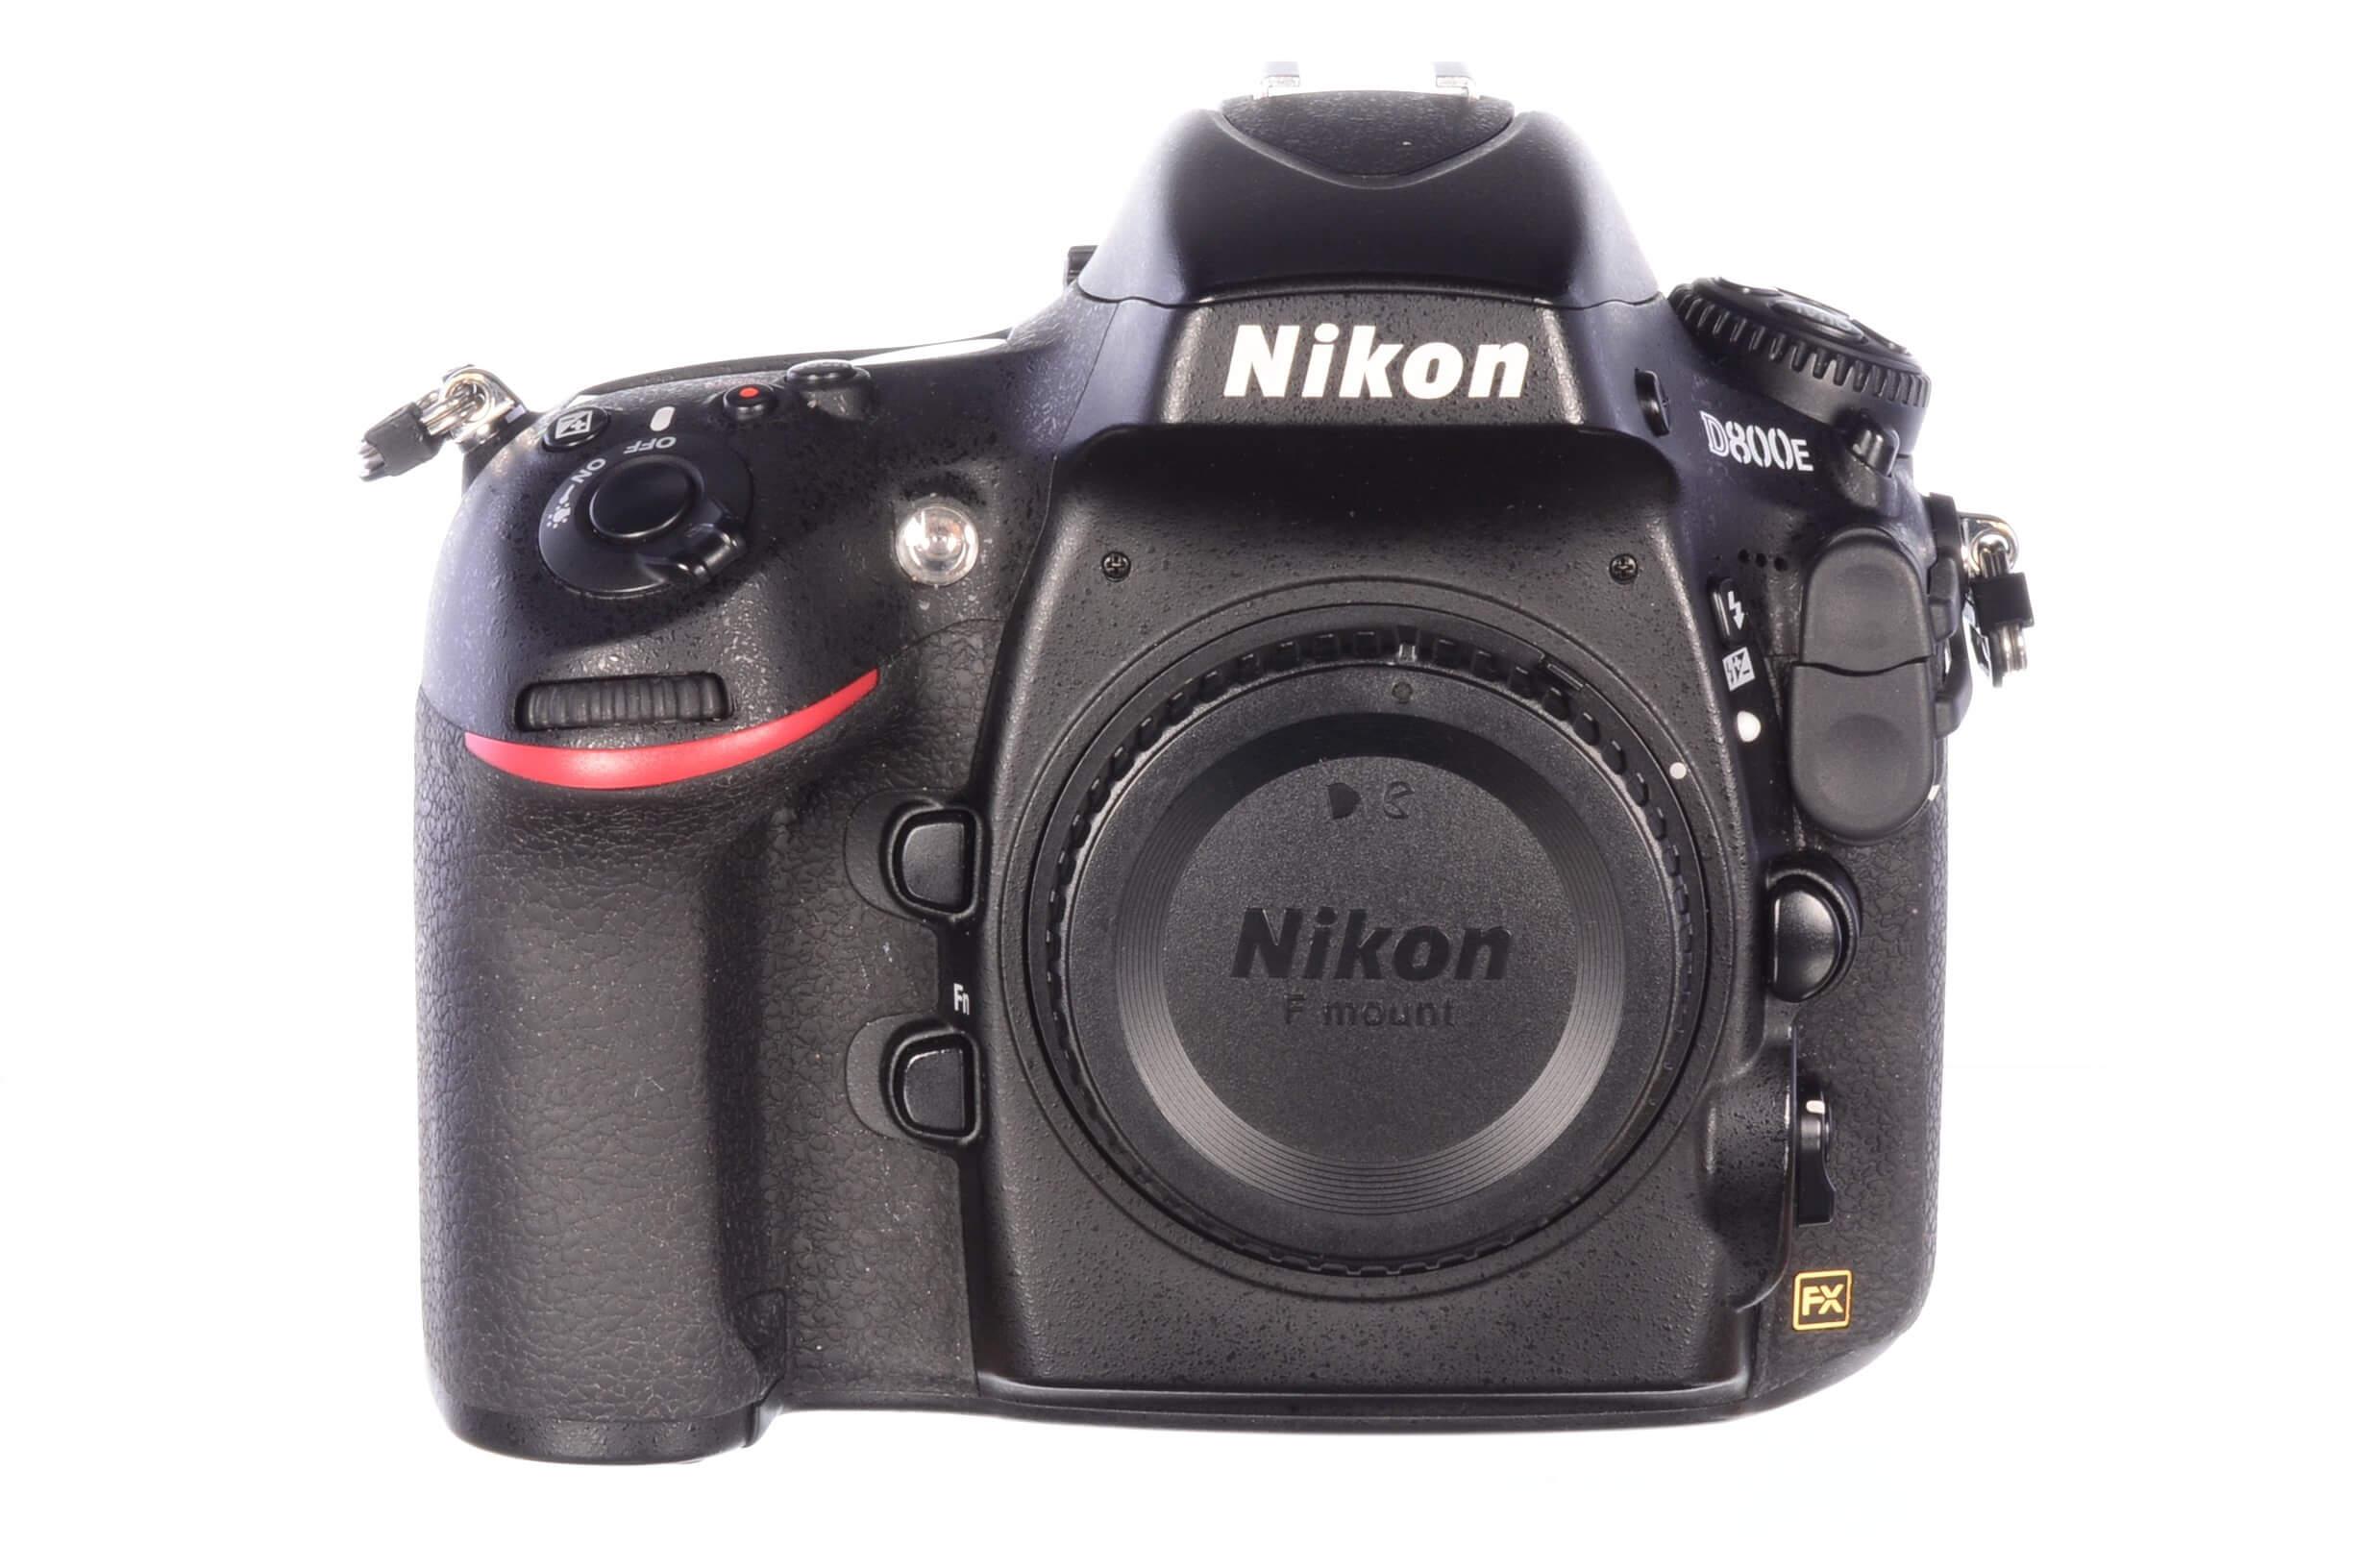 Nikon D800E body, 17100 actuations